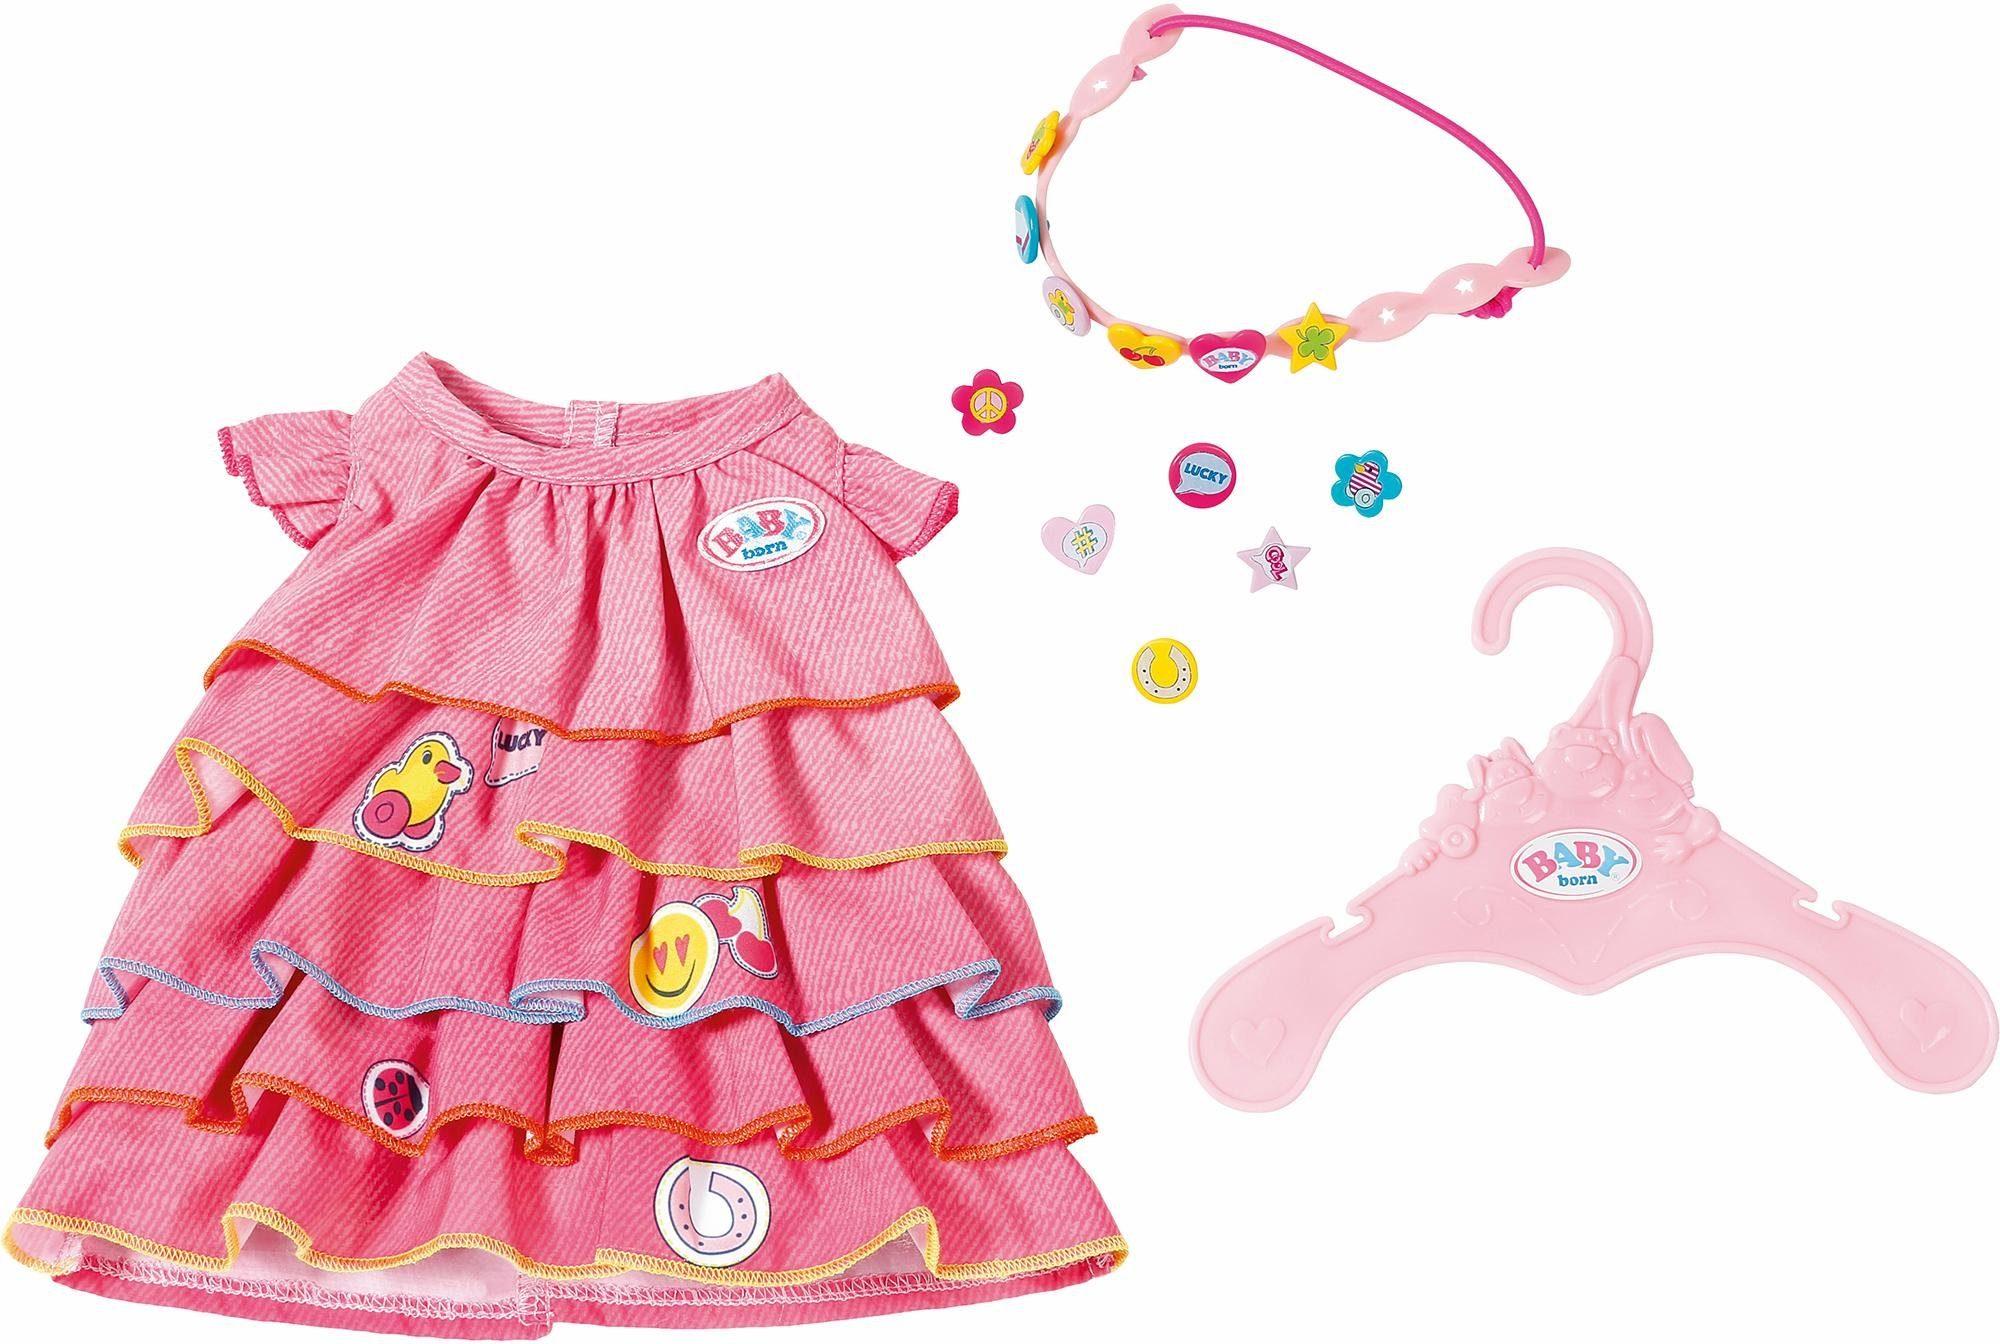 Babypuppen & Zubehör ab 3 Jahren Zapf BABY born® Boutique TutuSet